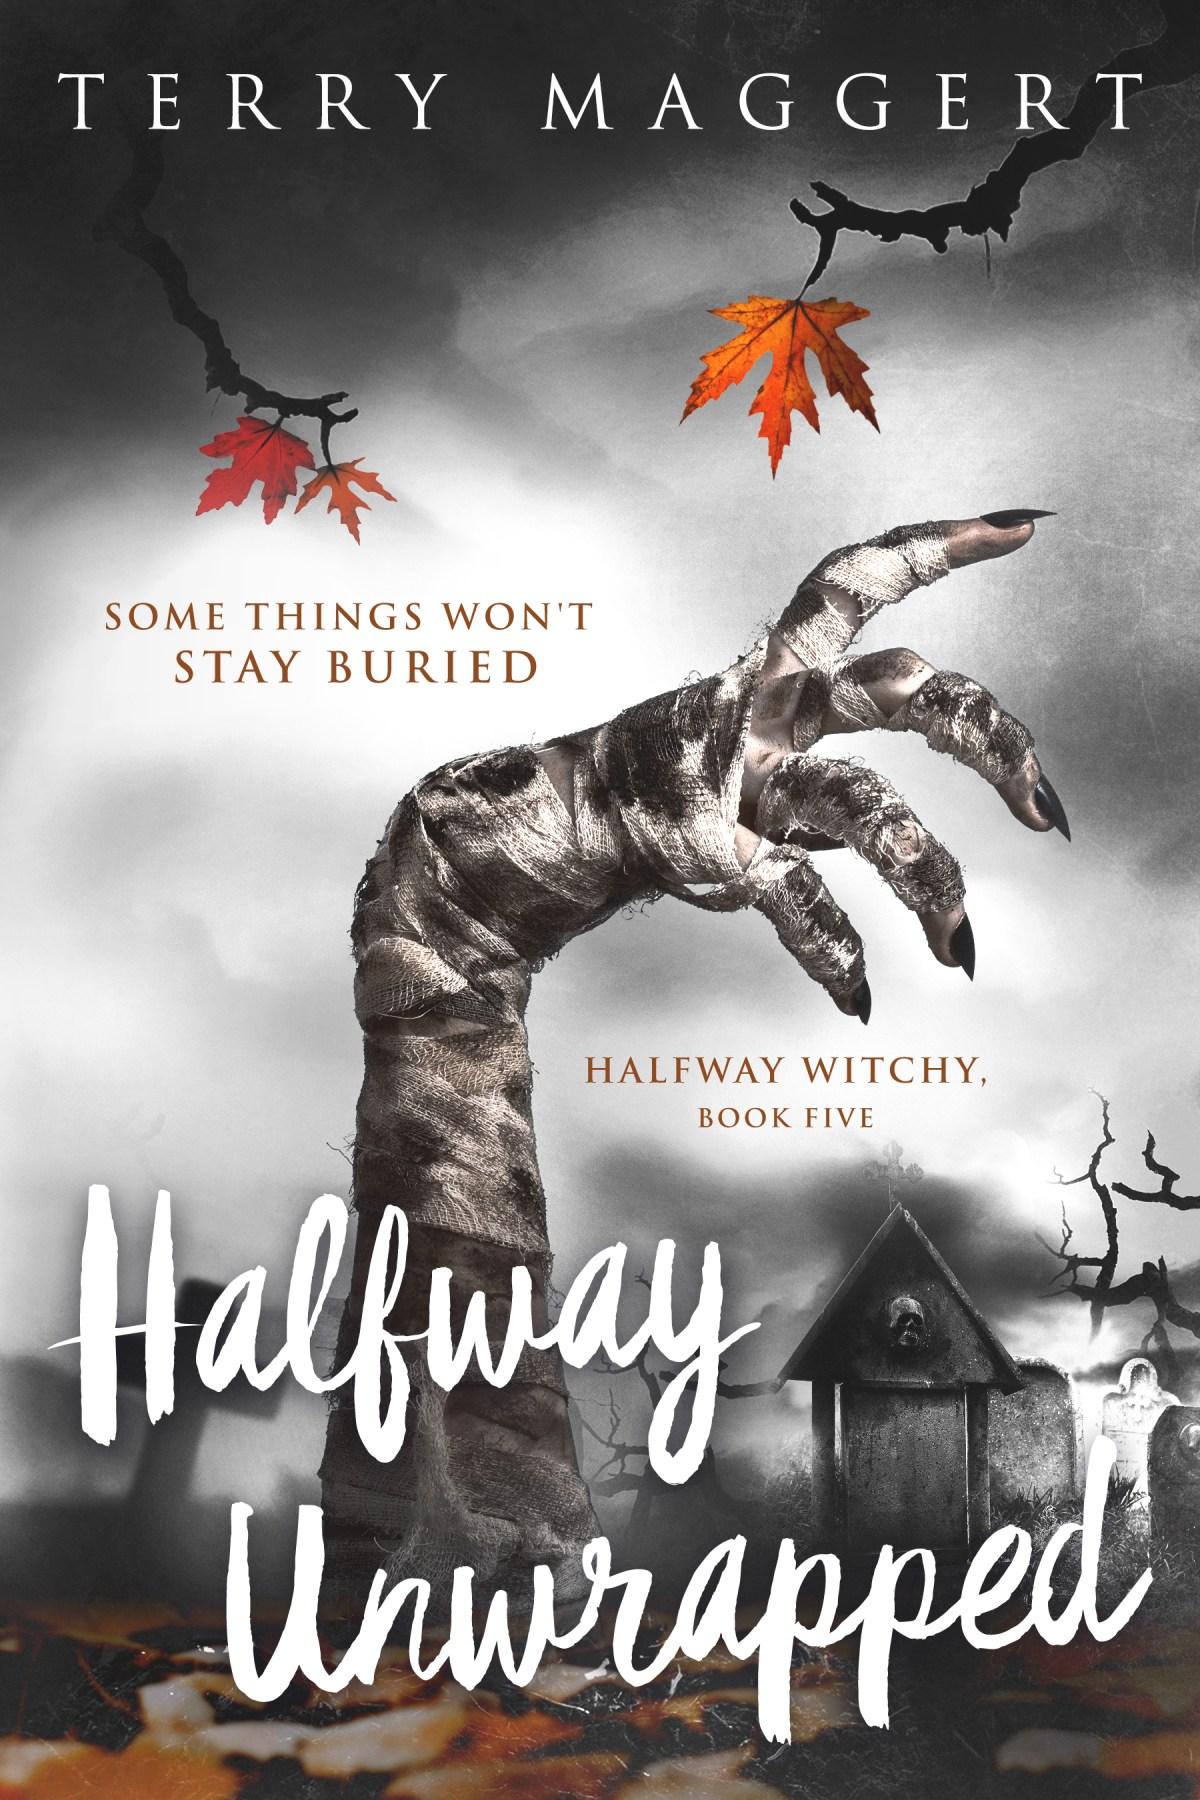 HalfwayUnwrapped_Ebook